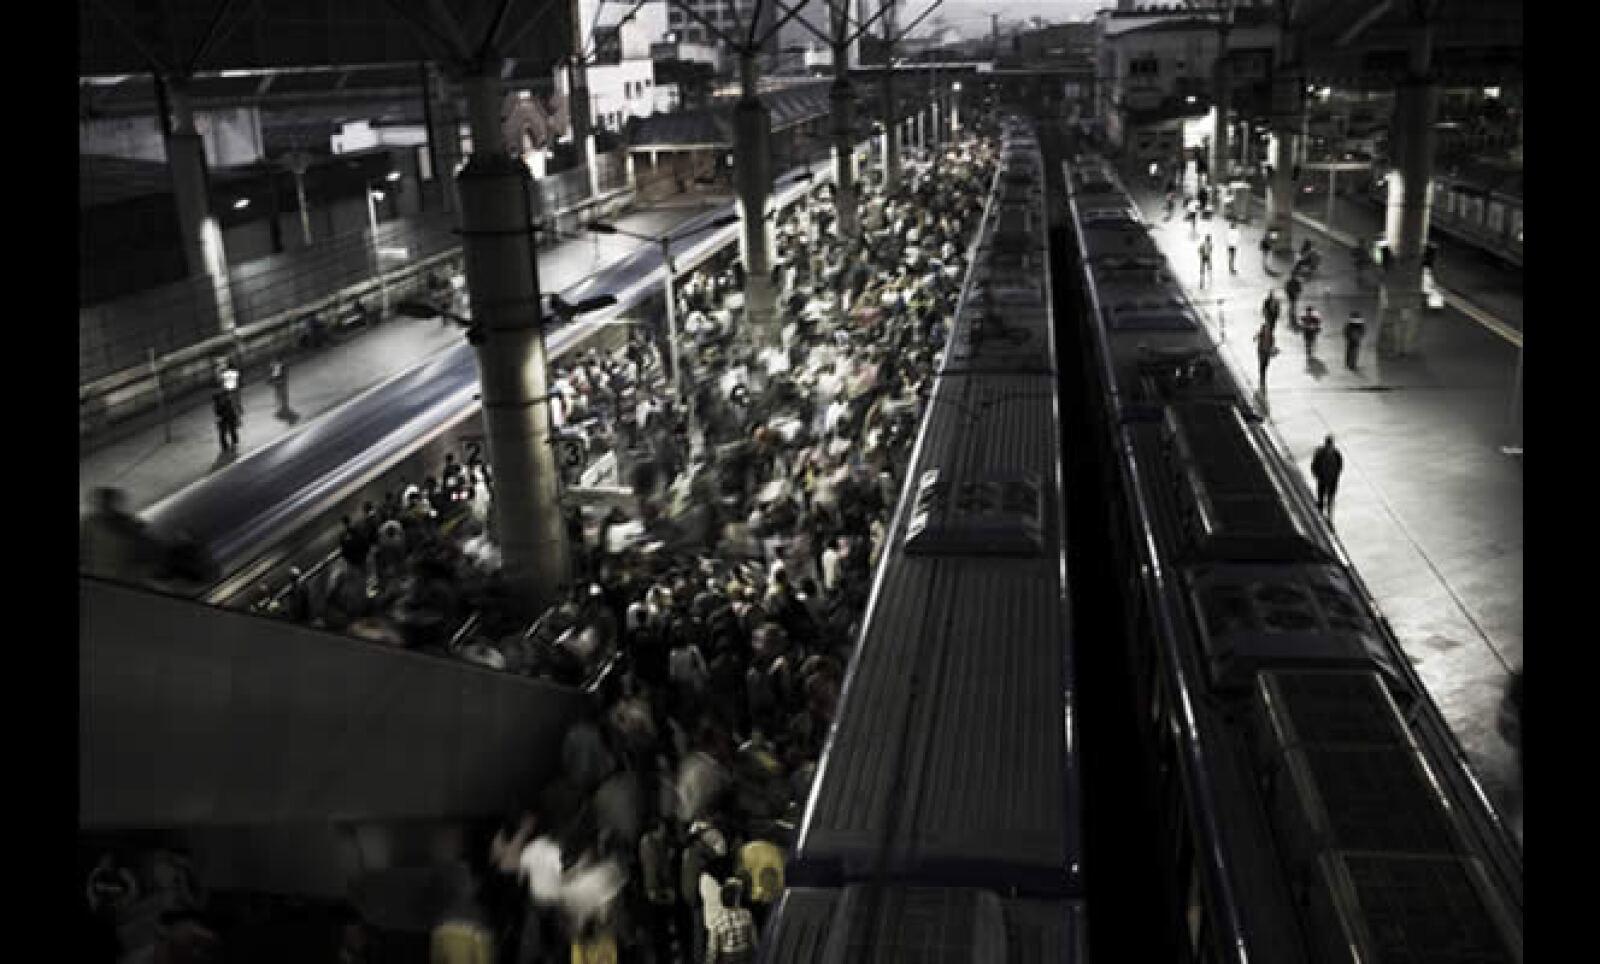 Los trenes suburbanos llegan a la terminal Bras en el centro de São Paulo a las 5:30, transportan a más de cuatro millones de personas desde los barrios de la periferia de la ciudad más poblada de Sudamérica.